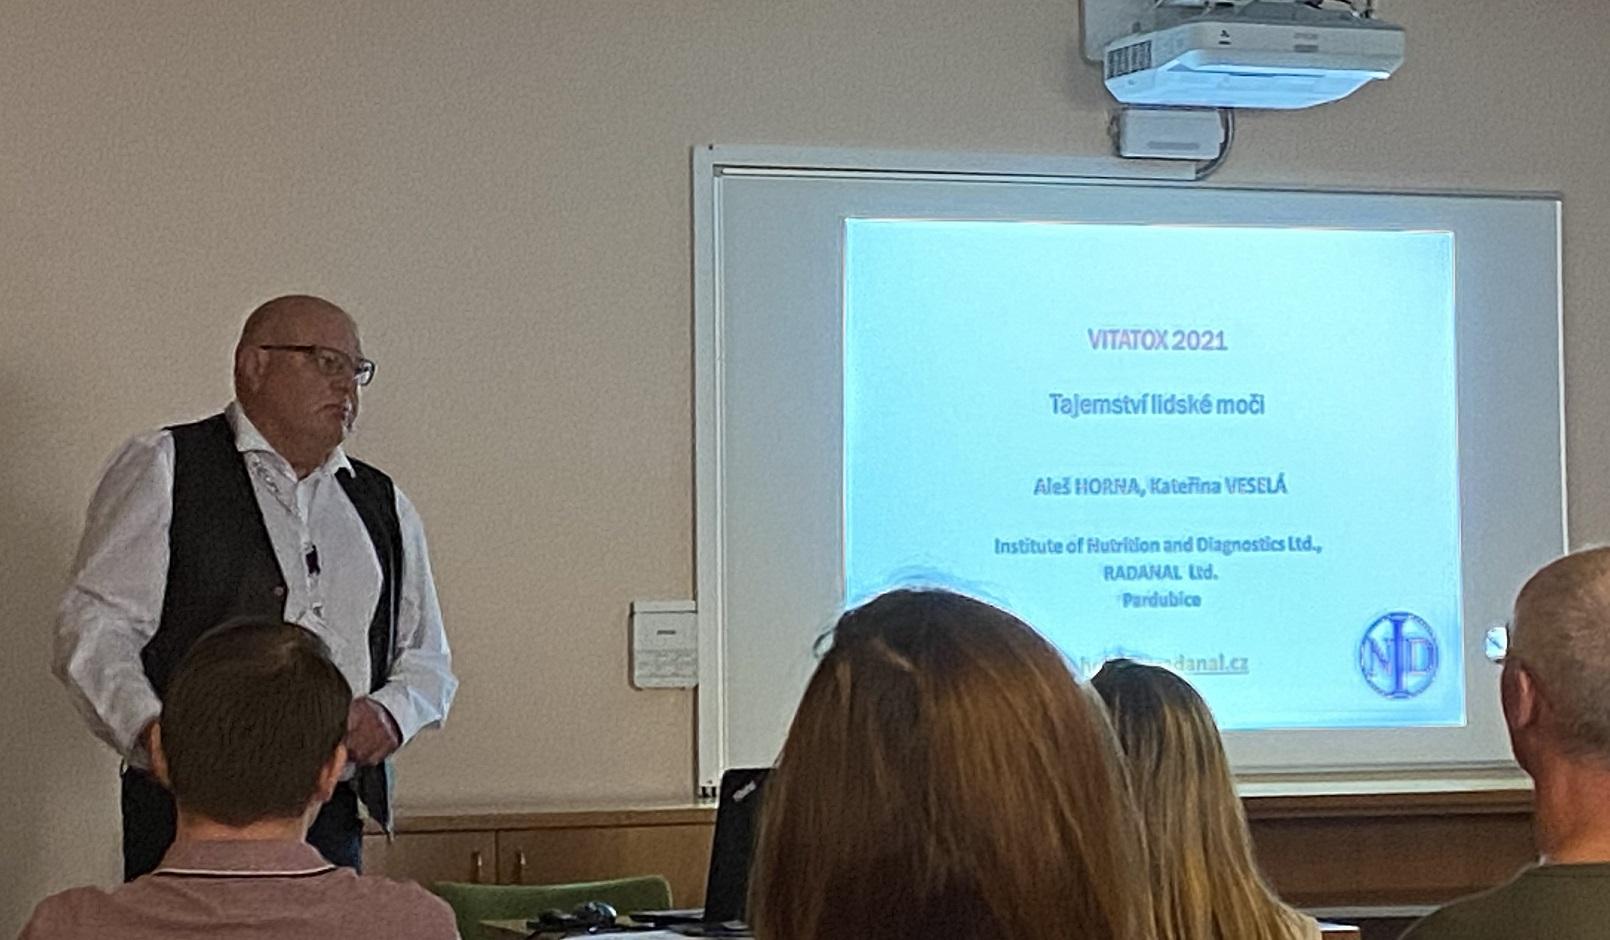 Vitatox 2021: Tajemství lidské moči (doc. Ing. Aleš Horna, CSc.)